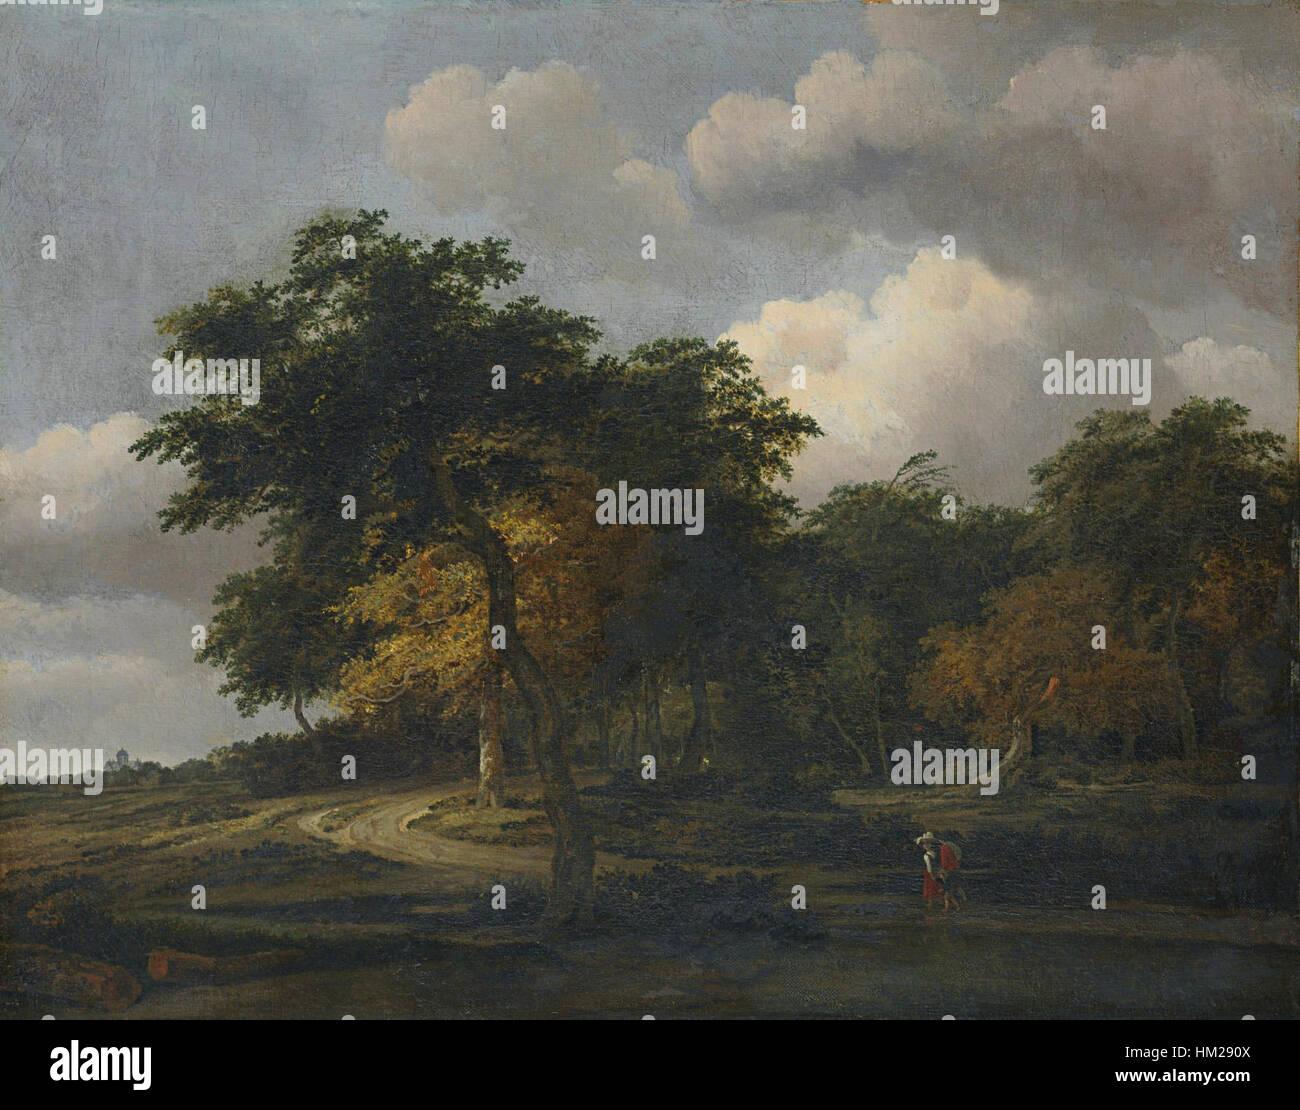 Huis Ten Bosch Stock Photos & Huis Ten Bosch Stock Images - Alamy